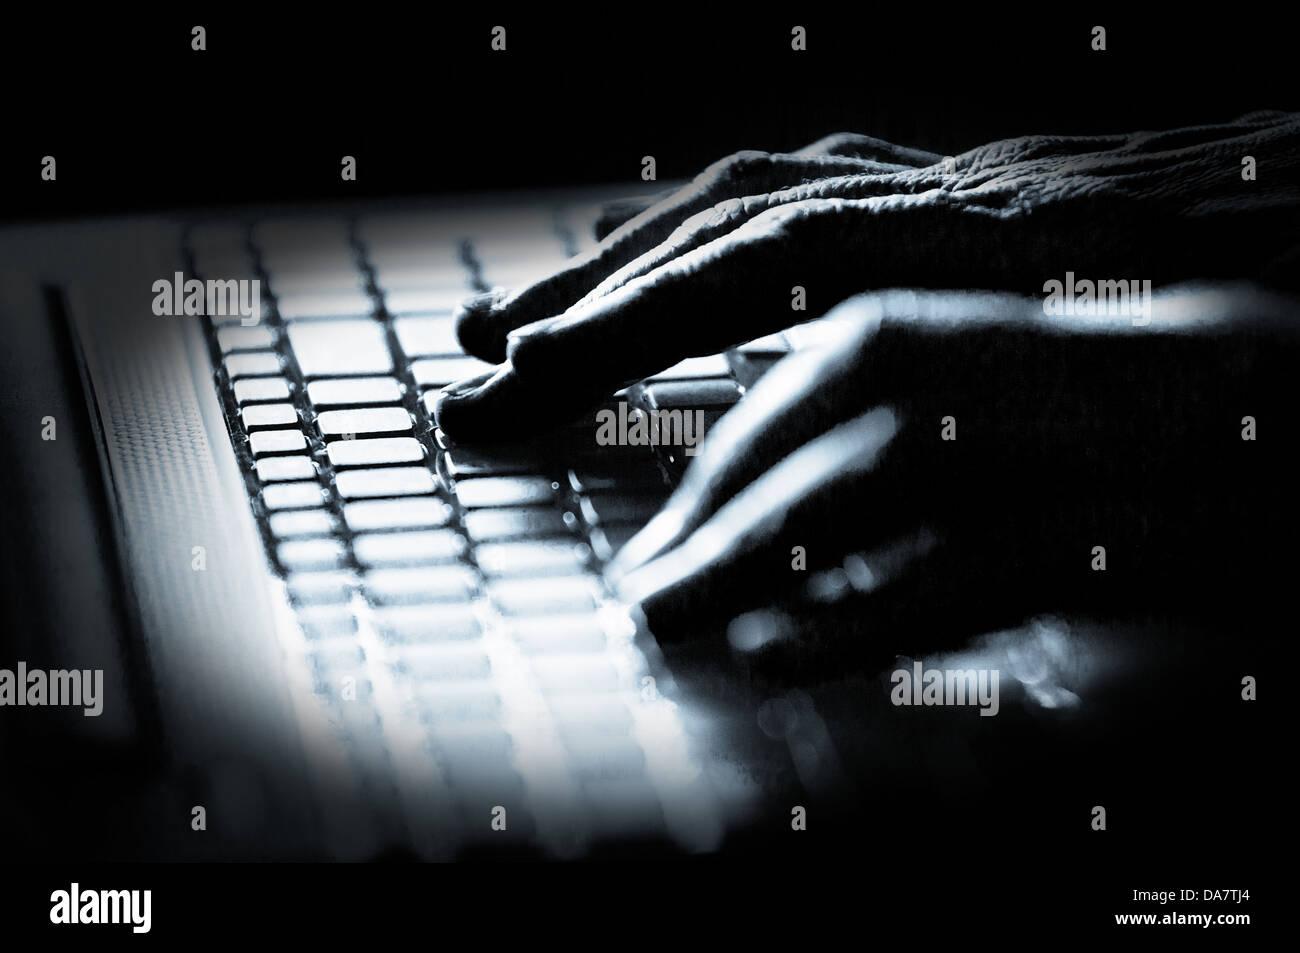 Concepto foto en blanco y negro de alto contraste de los dedos sobre el teclado del pirata Imagen De Stock